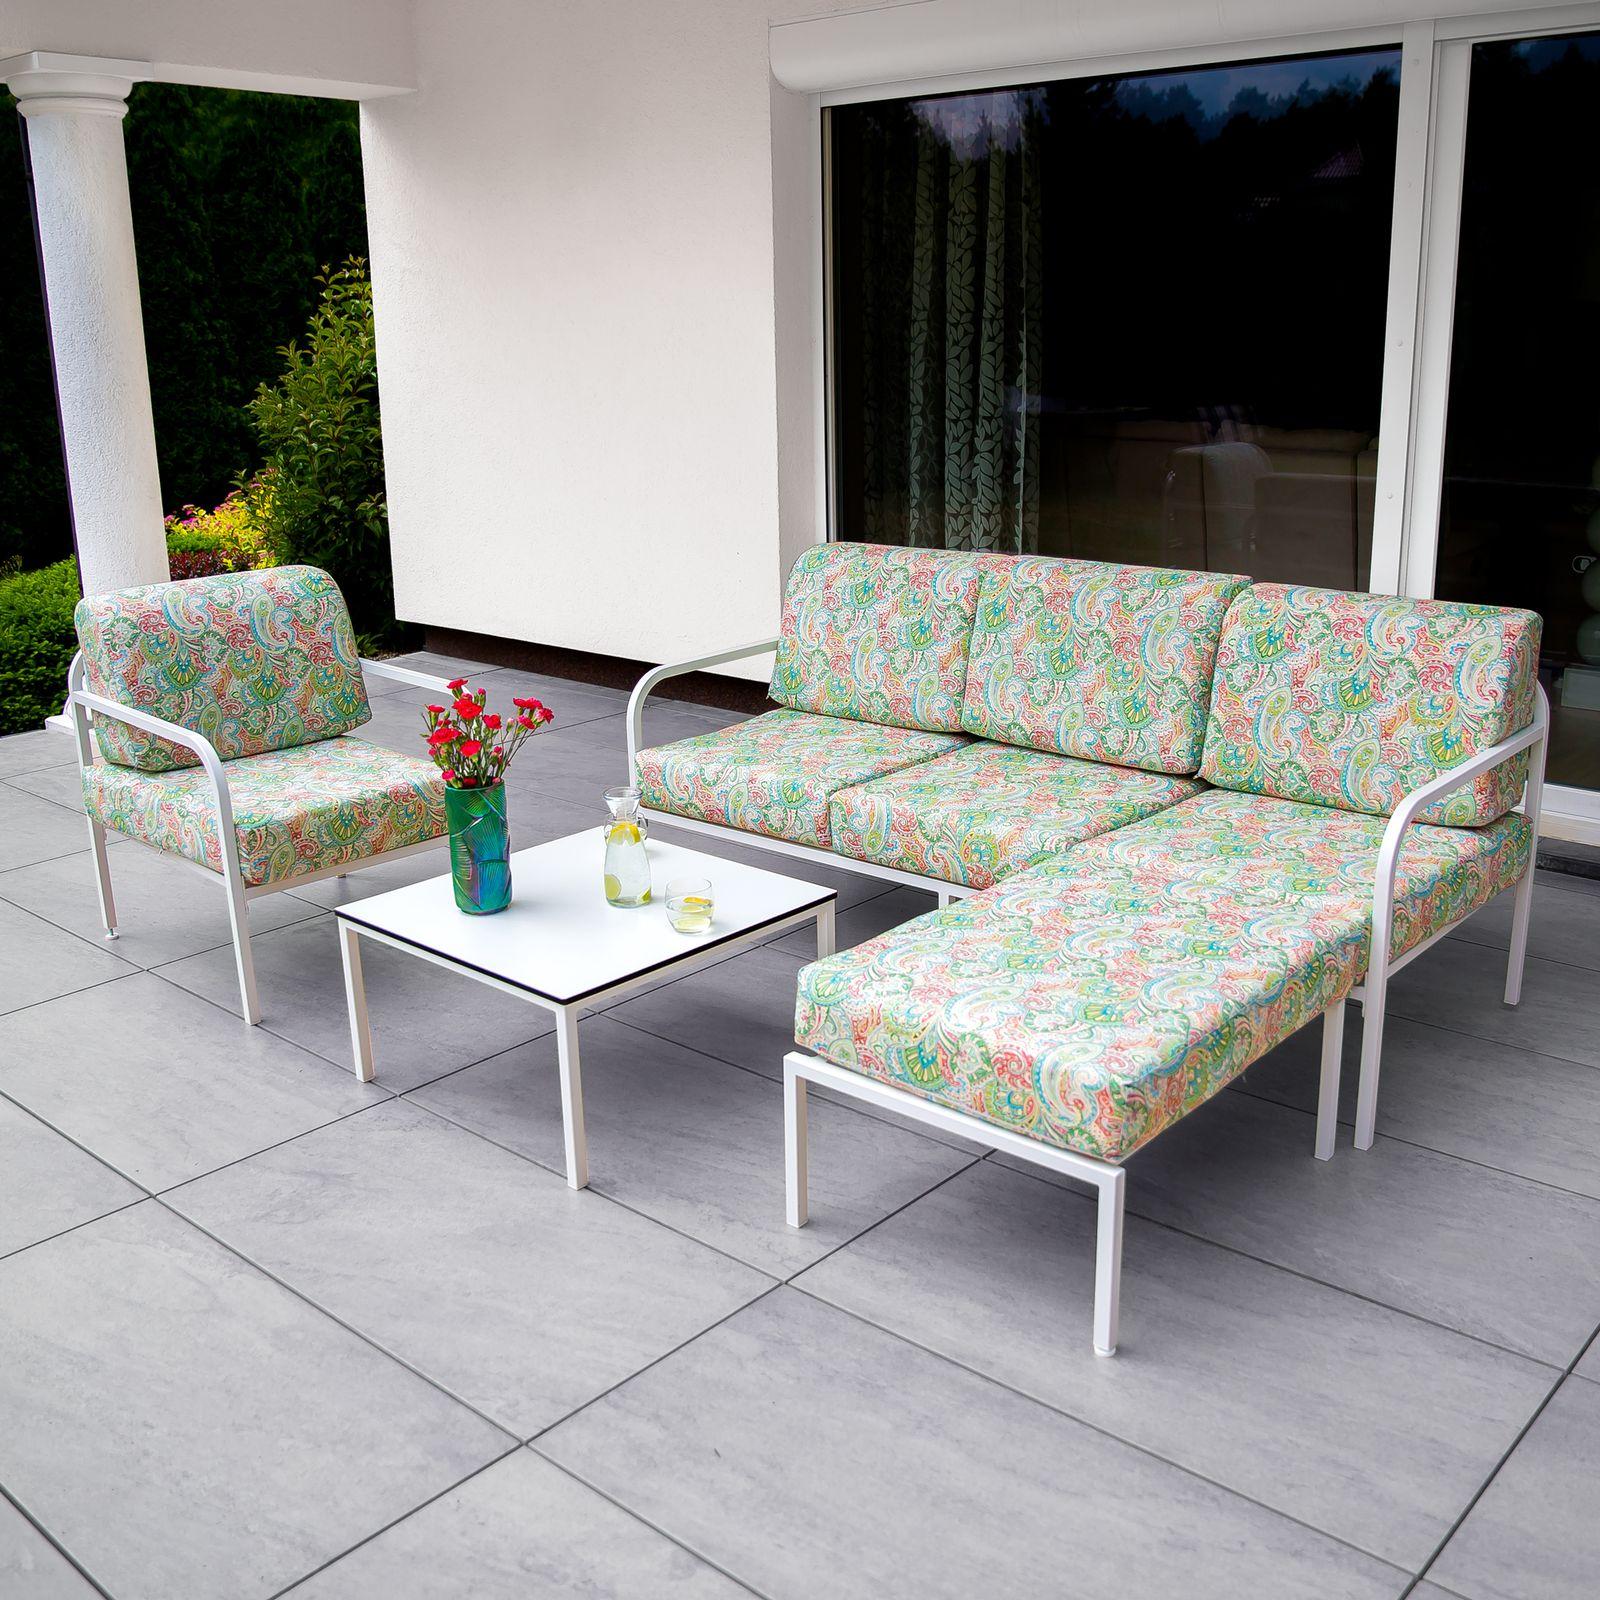 Fotel Agat 65 x 77 x 74 cm G038-12LB PATIO